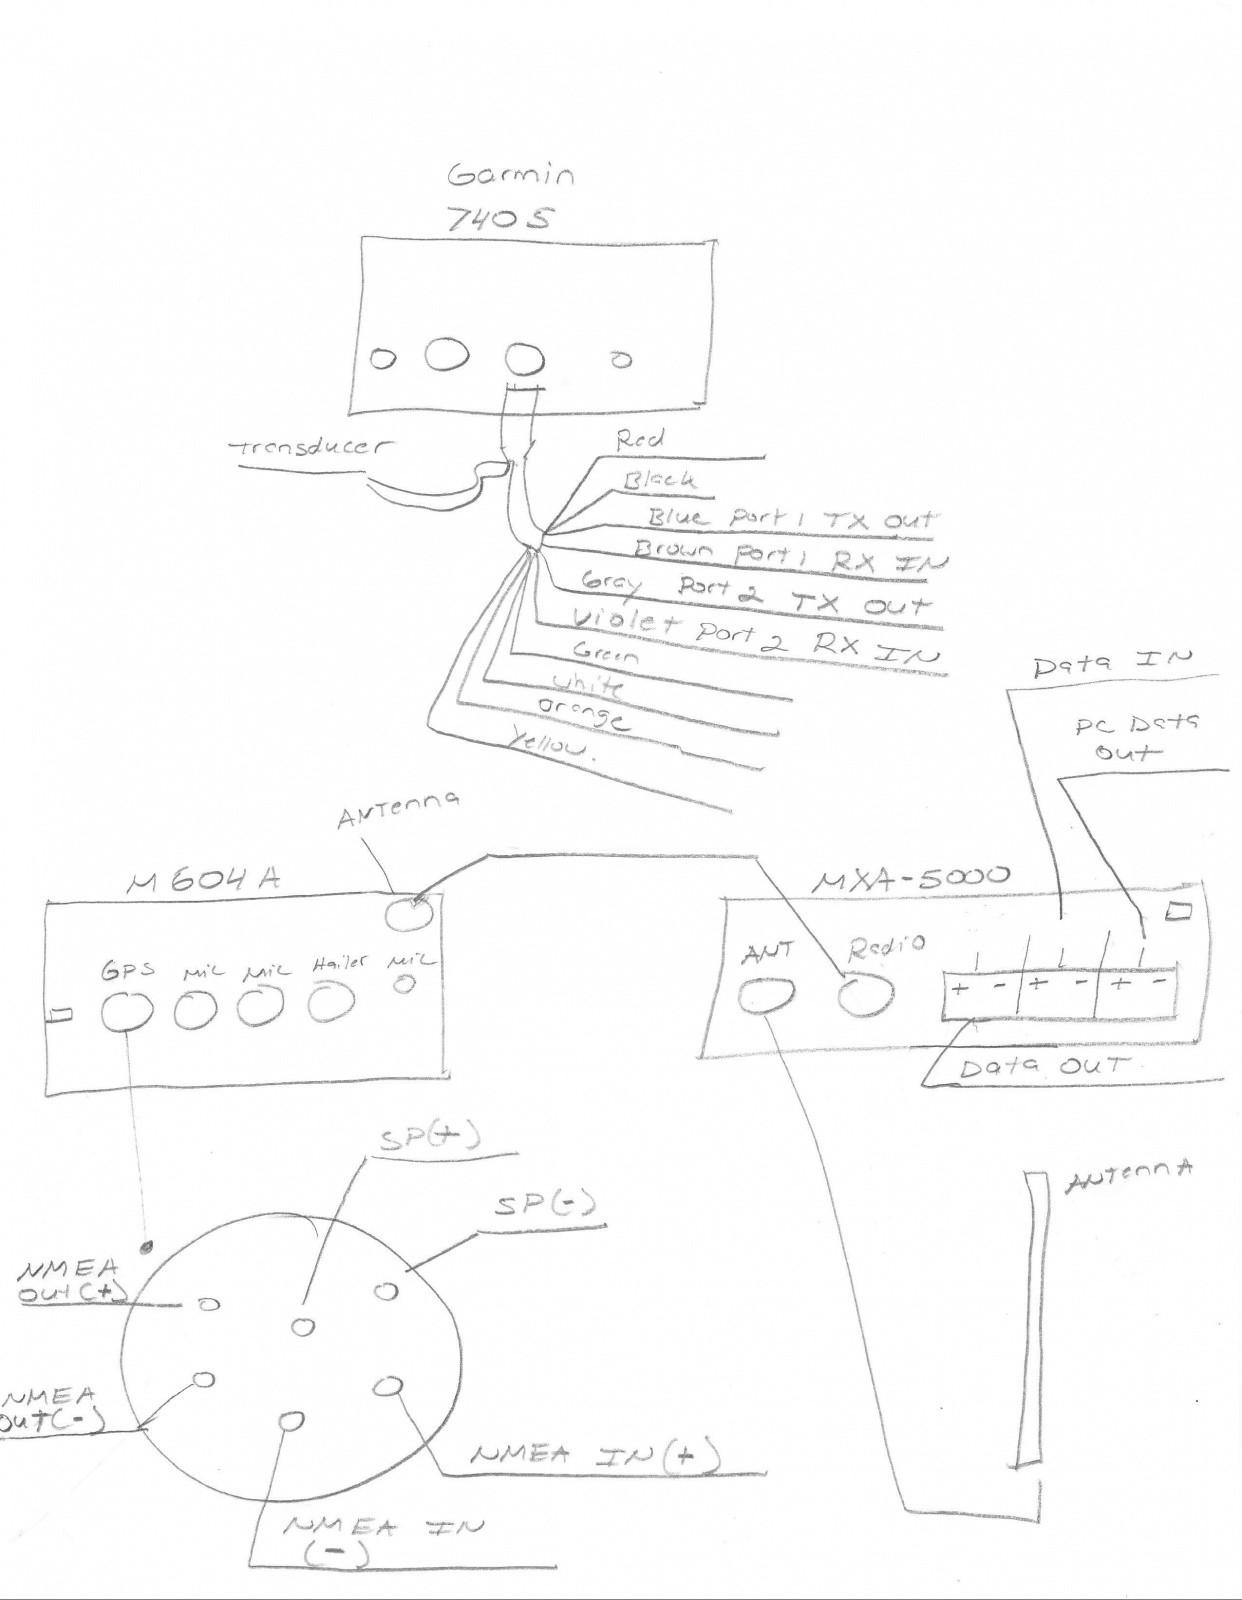 Wire Up Garmin Striker 4 Gg 2197] Garmin Striker Wiring Diagram 4 Download Diagram Of Wire Up Garmin Striker 4